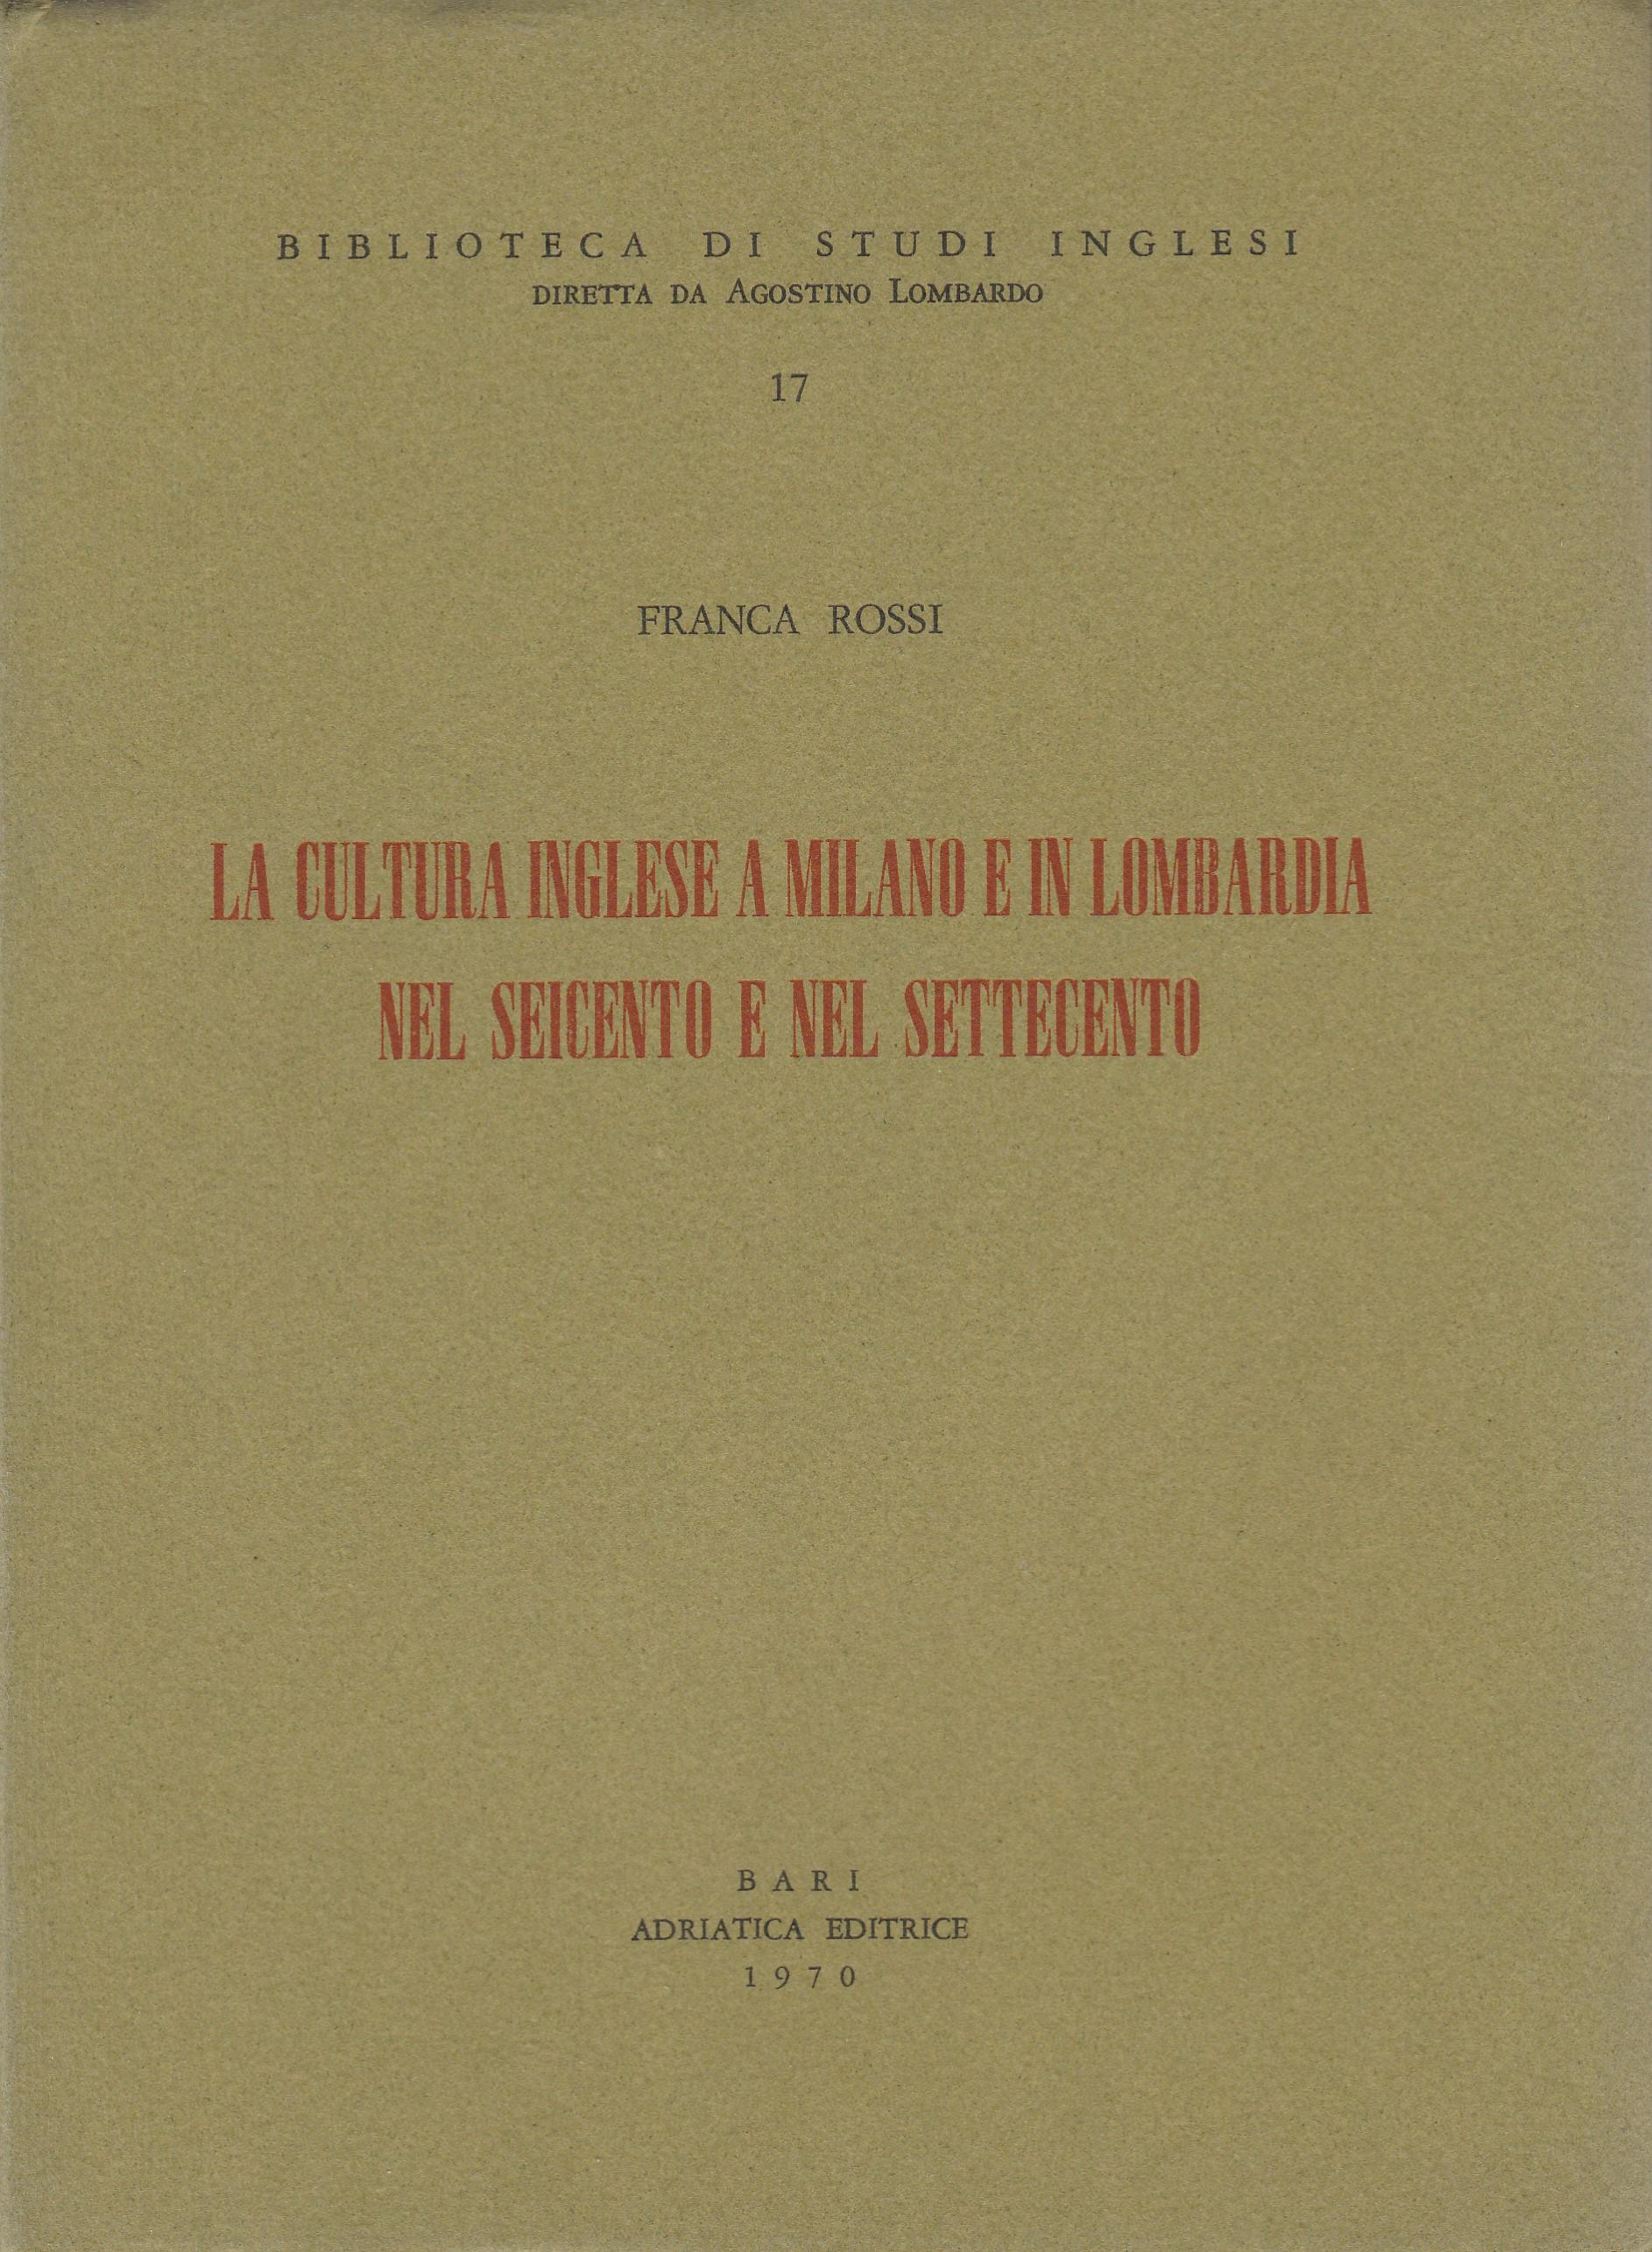 La cultura inglese a Milano e in Lombardia nel Seicento e nel Settecento